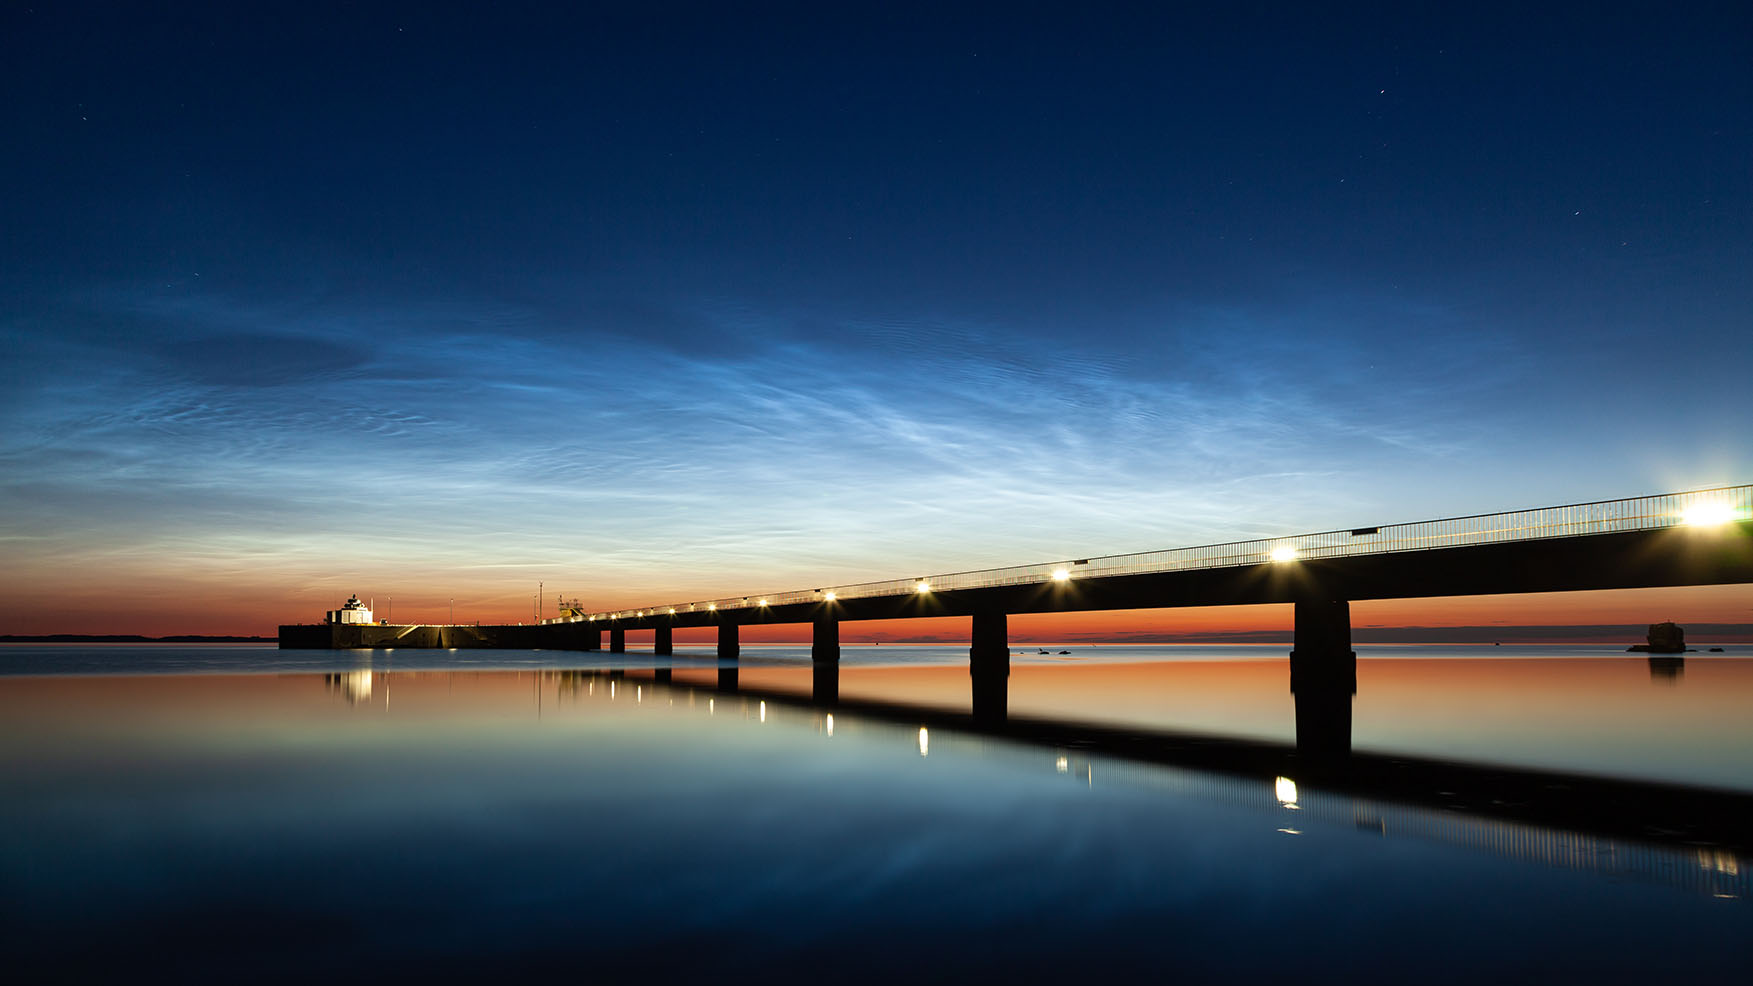 leuchtende Nachtwolken über einem Anleger in der Ostsee